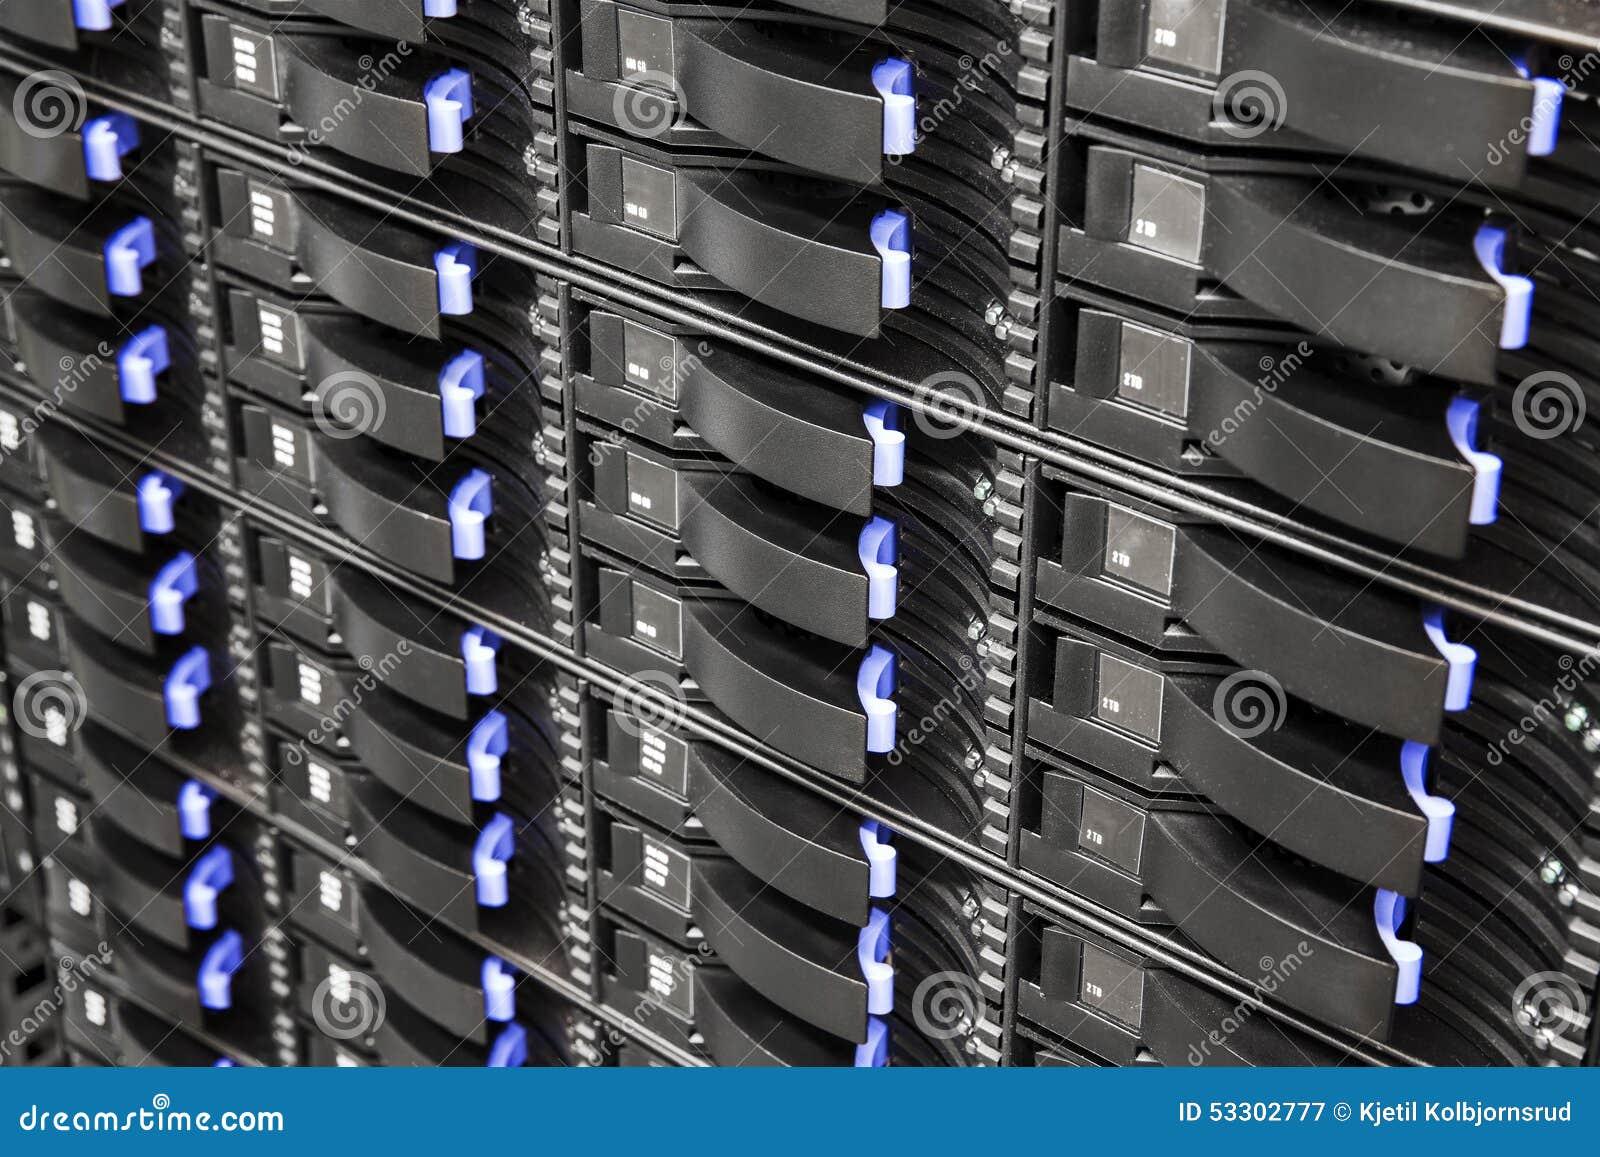 AberSAN Z30 3U 16Bay Enterprise Class Unified ZFS SAN Storage with ...